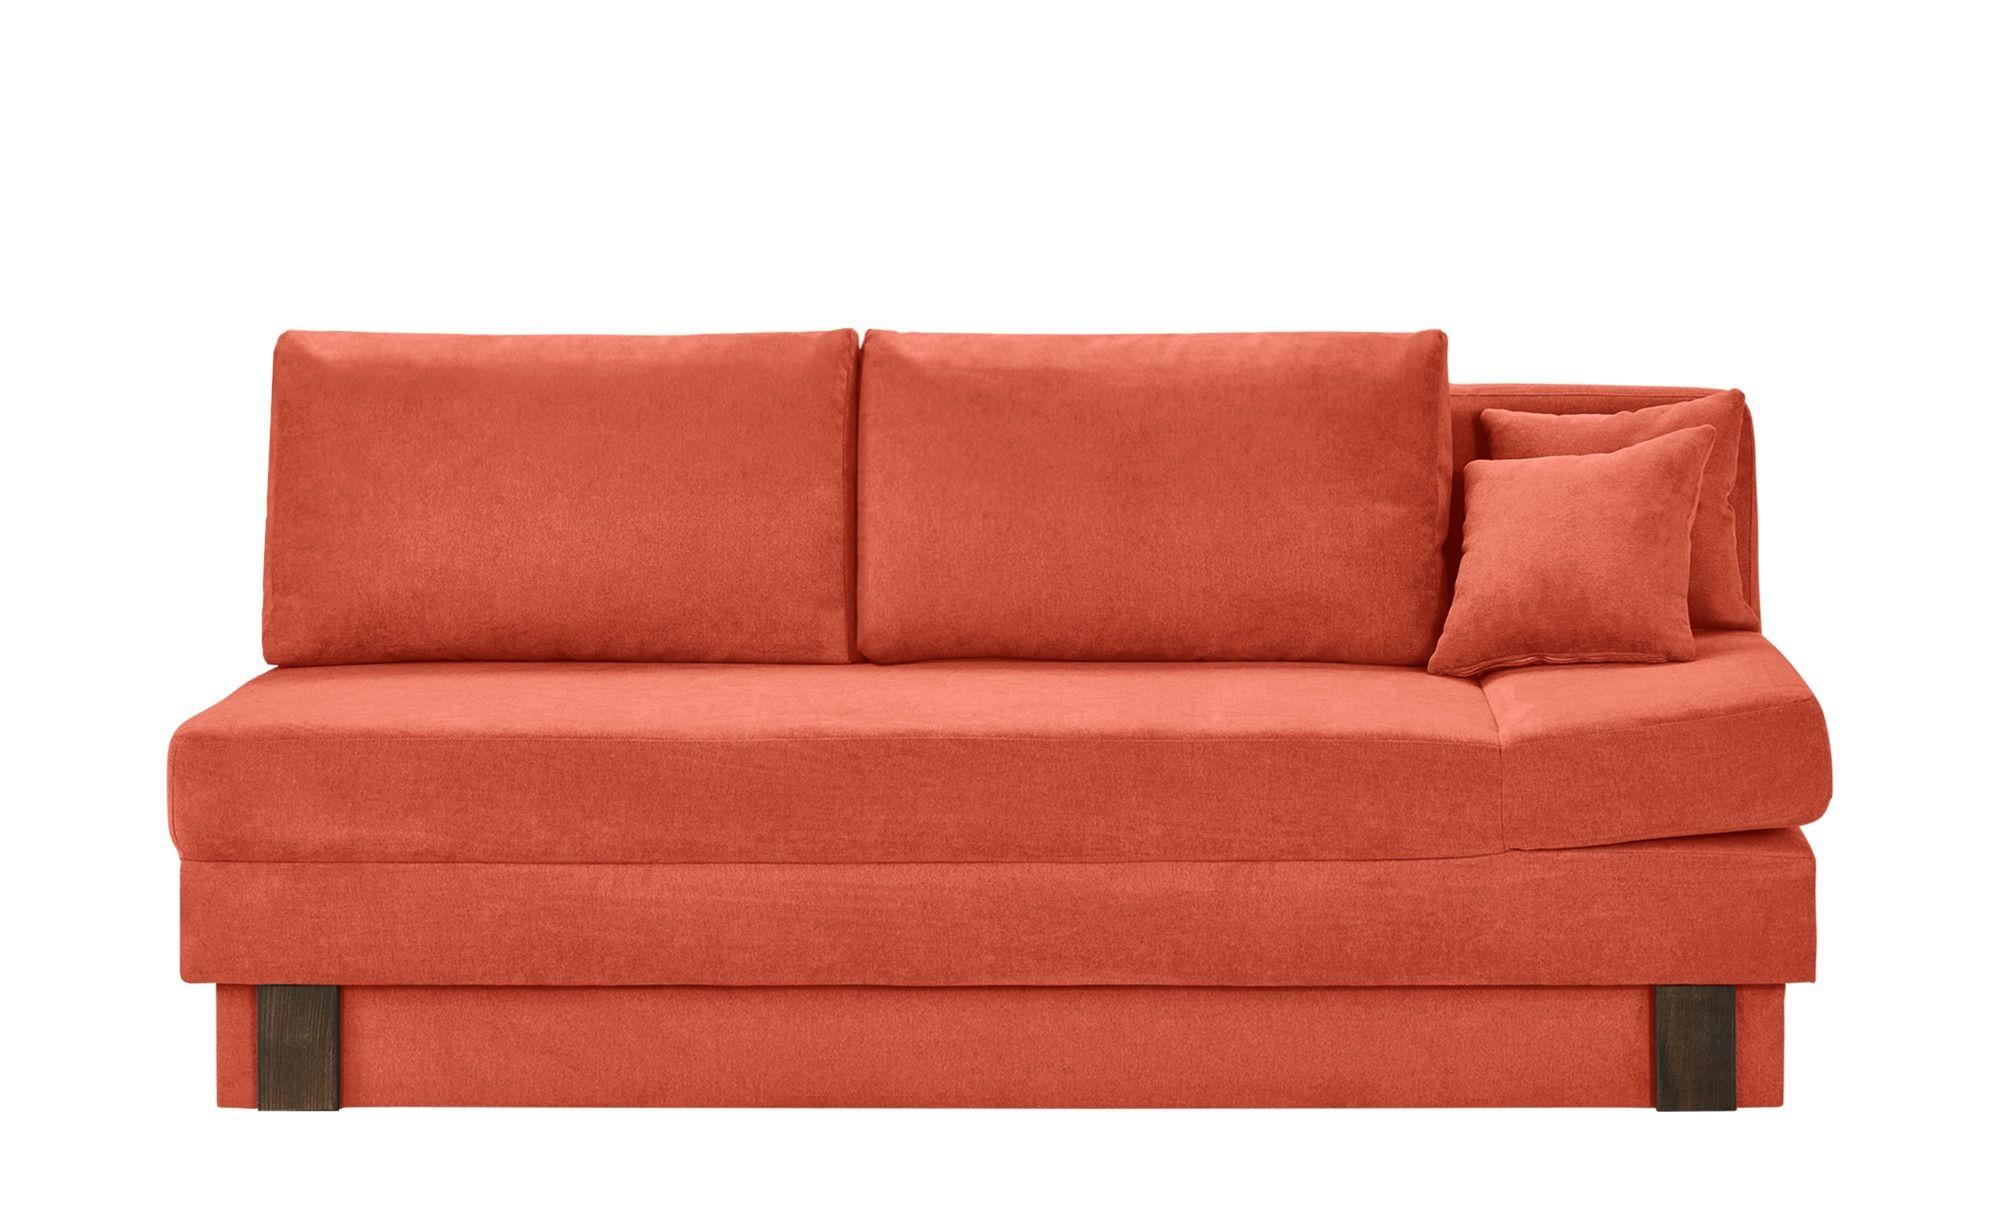 Full Size of Kolonialstil Sofa Grün überzug Zweisitzer Microfaser Led Wohnlandschaft Baxter Langes Megapol Online Kaufen Comfortmaster Mit Elektrischer Sofa Kolonialstil Sofa